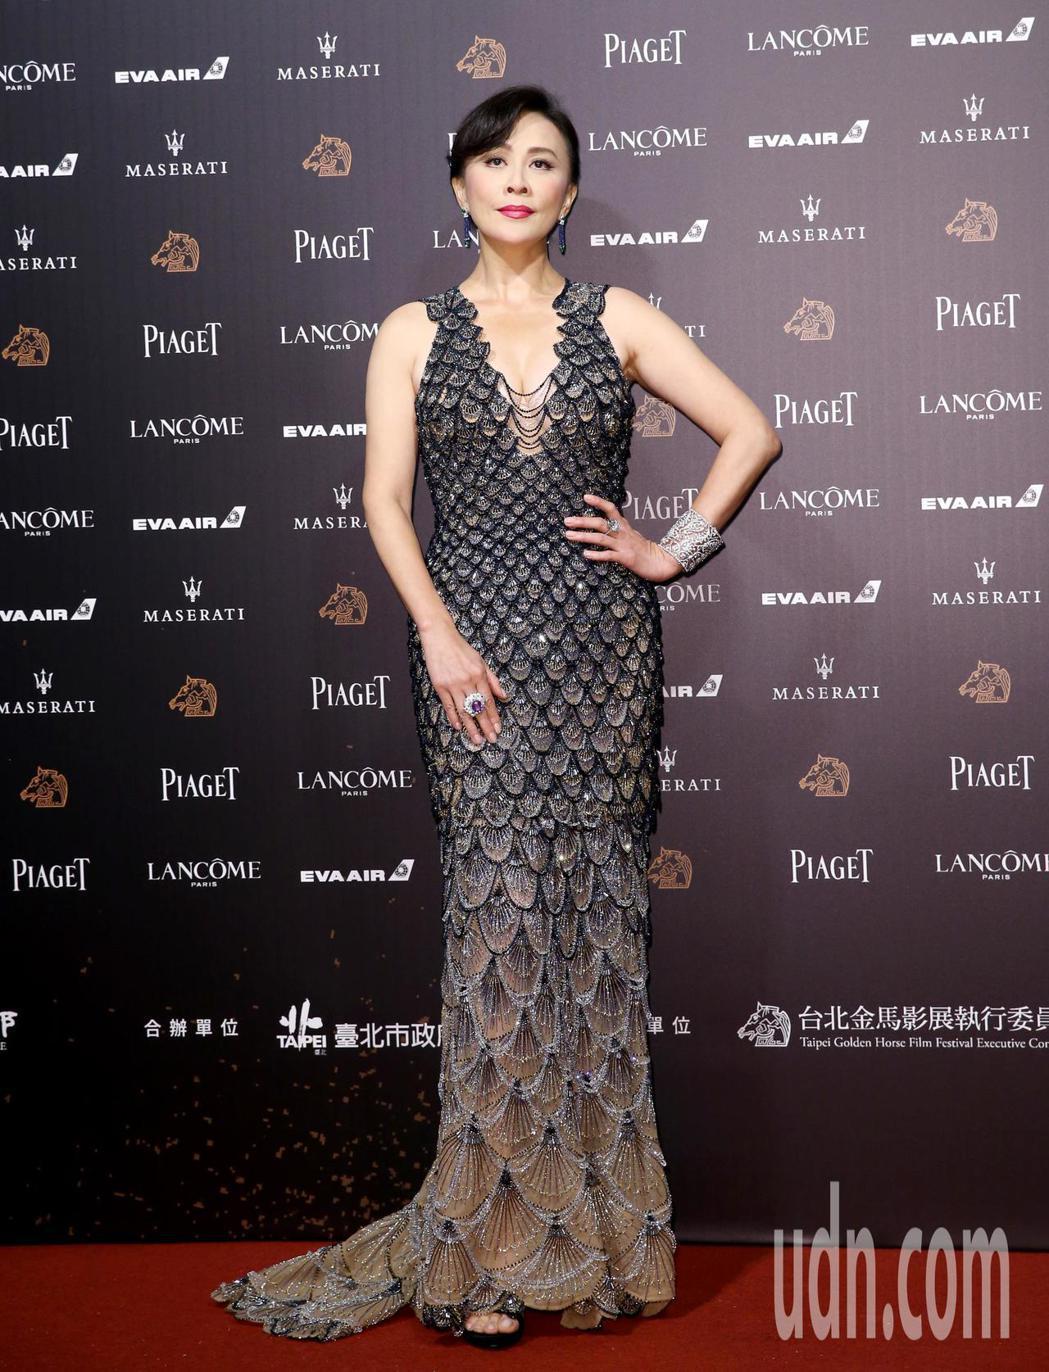 第55屆金馬獎頒獎典禮在國父紀念館舉行,劉嘉玲走星光大道。記者鄭清元/攝影